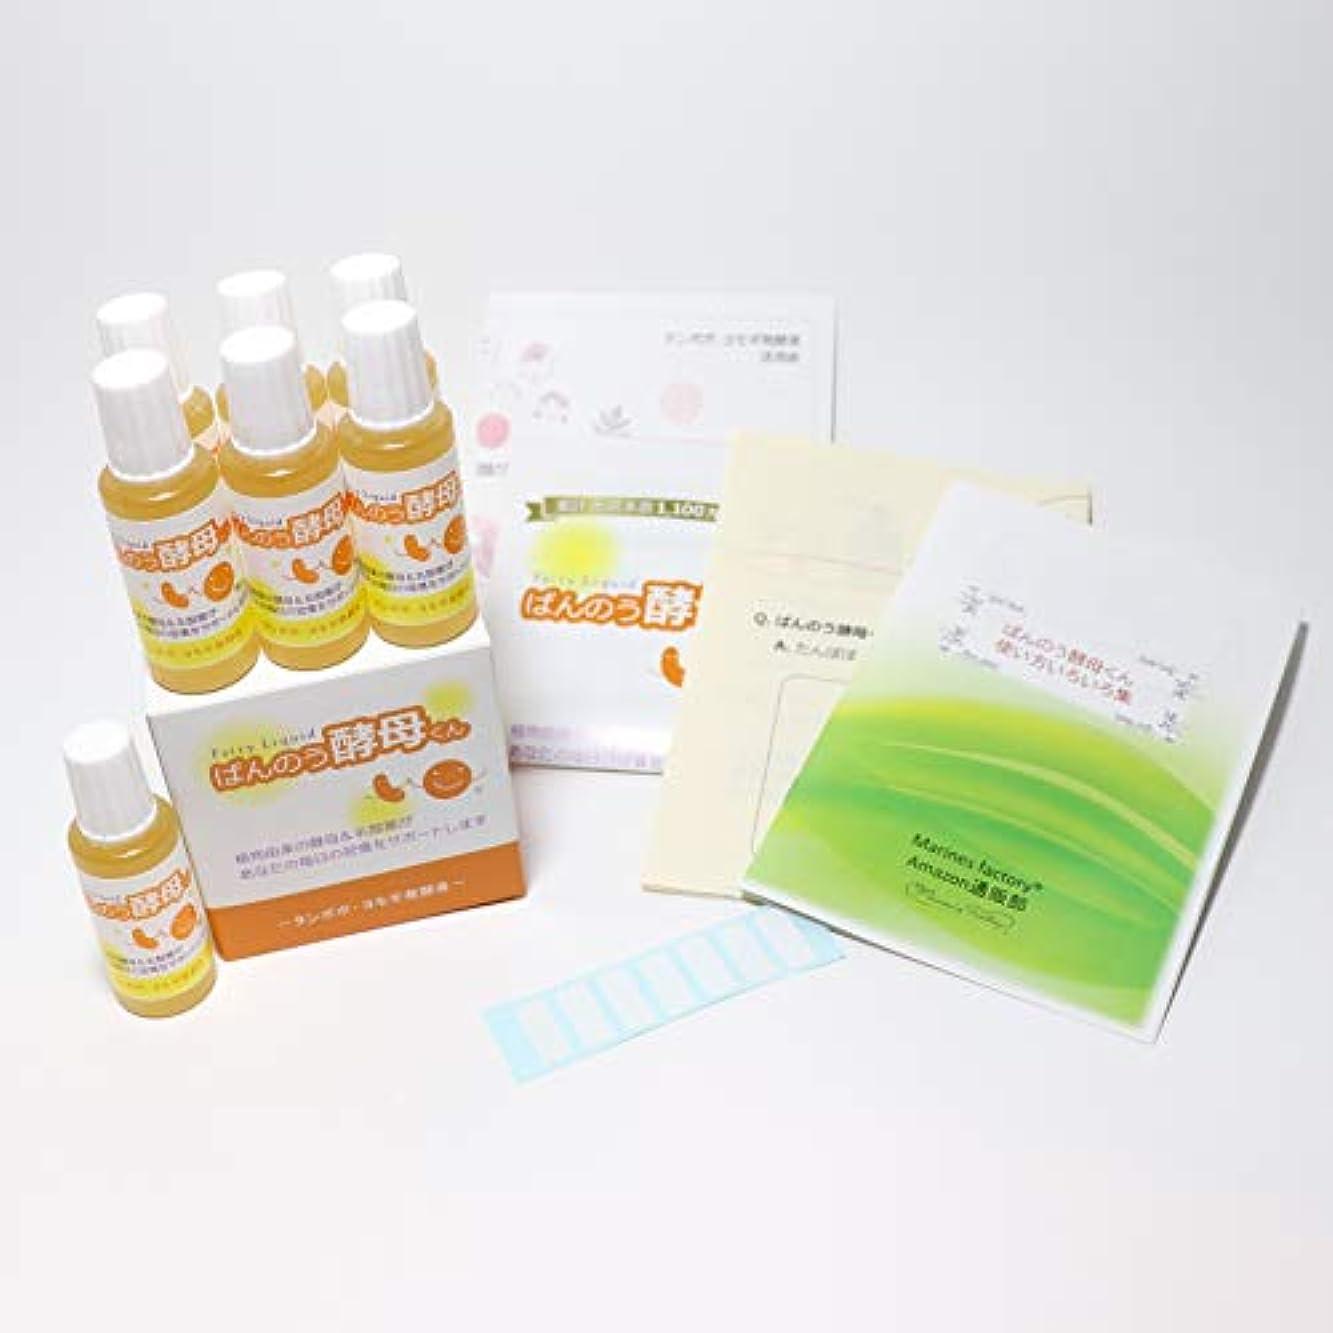 カカドゥボイドリスナーポストイン品 ばんのう酵母くん 7本 ホットAセット 説明書4枚 使用期限ラベル付き